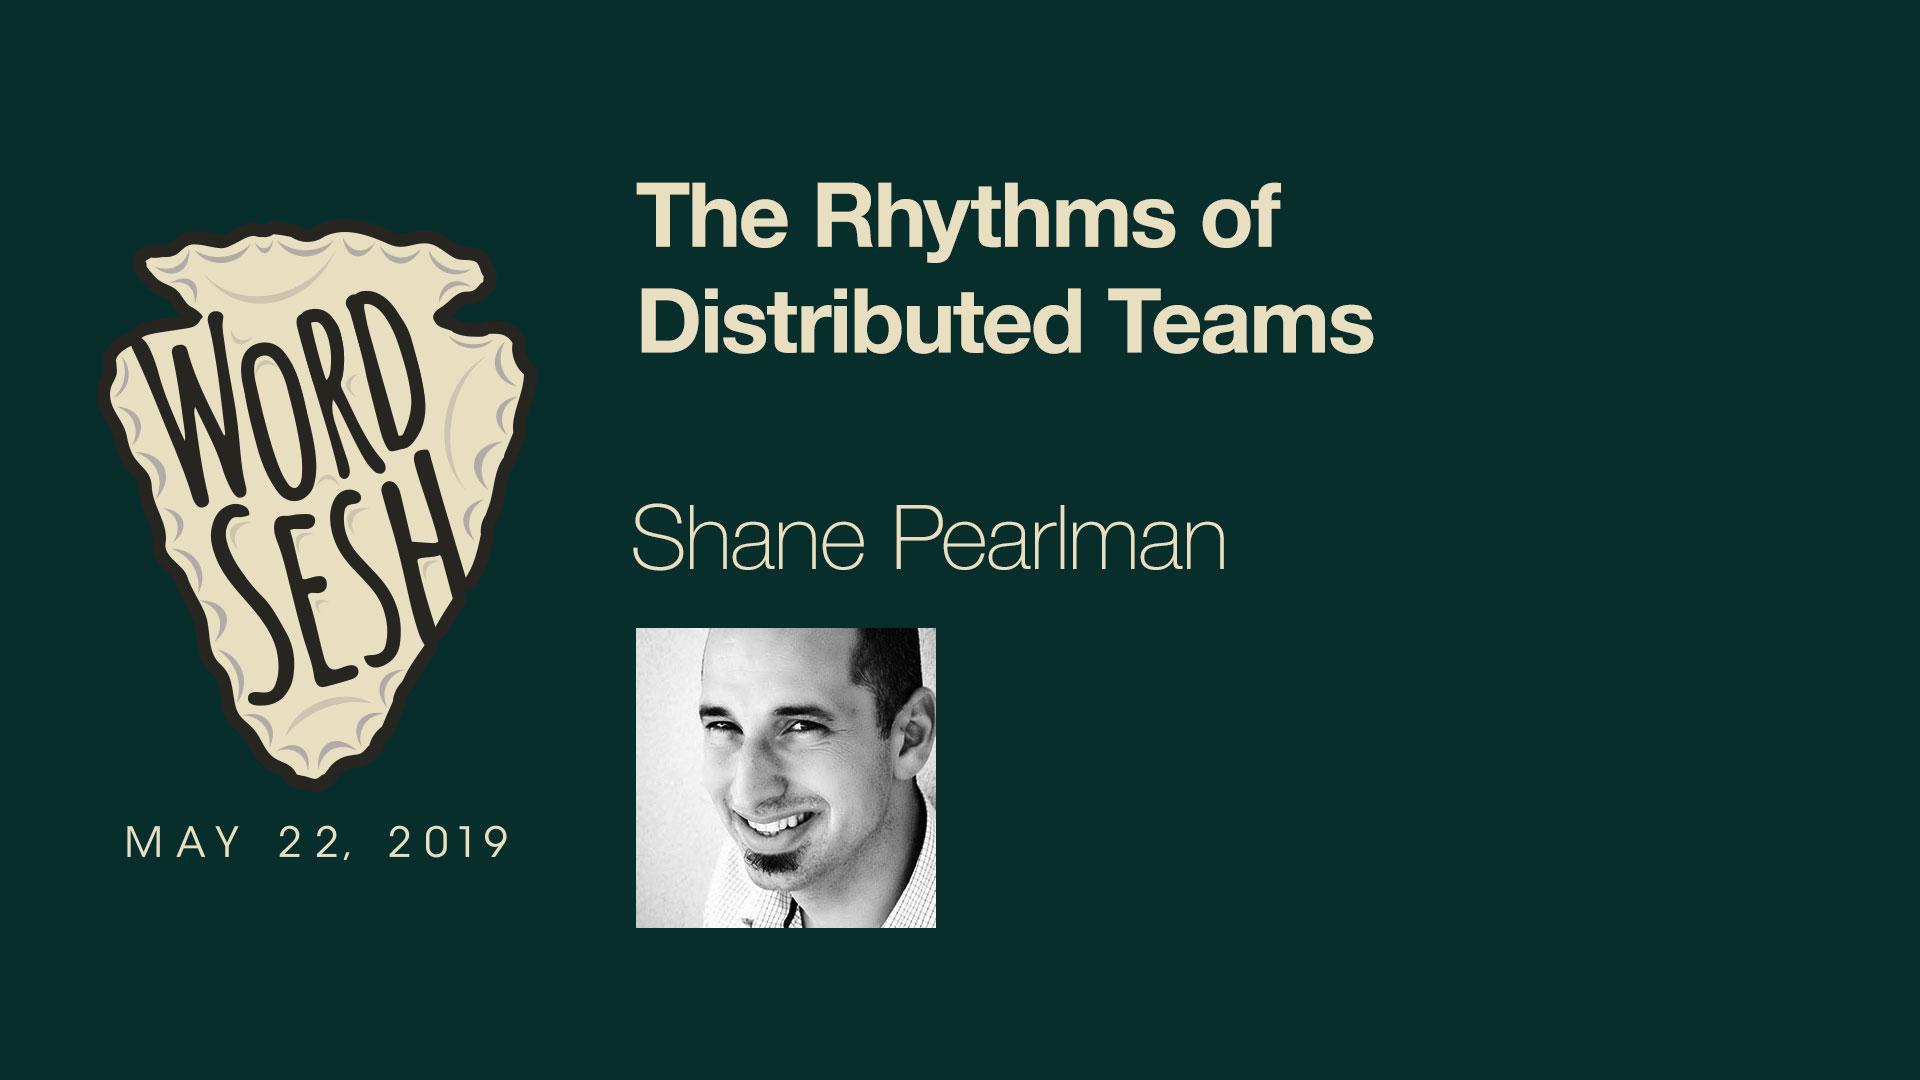 00-03-WordSesh-Remote-Rhythms-Shane-Pearlman